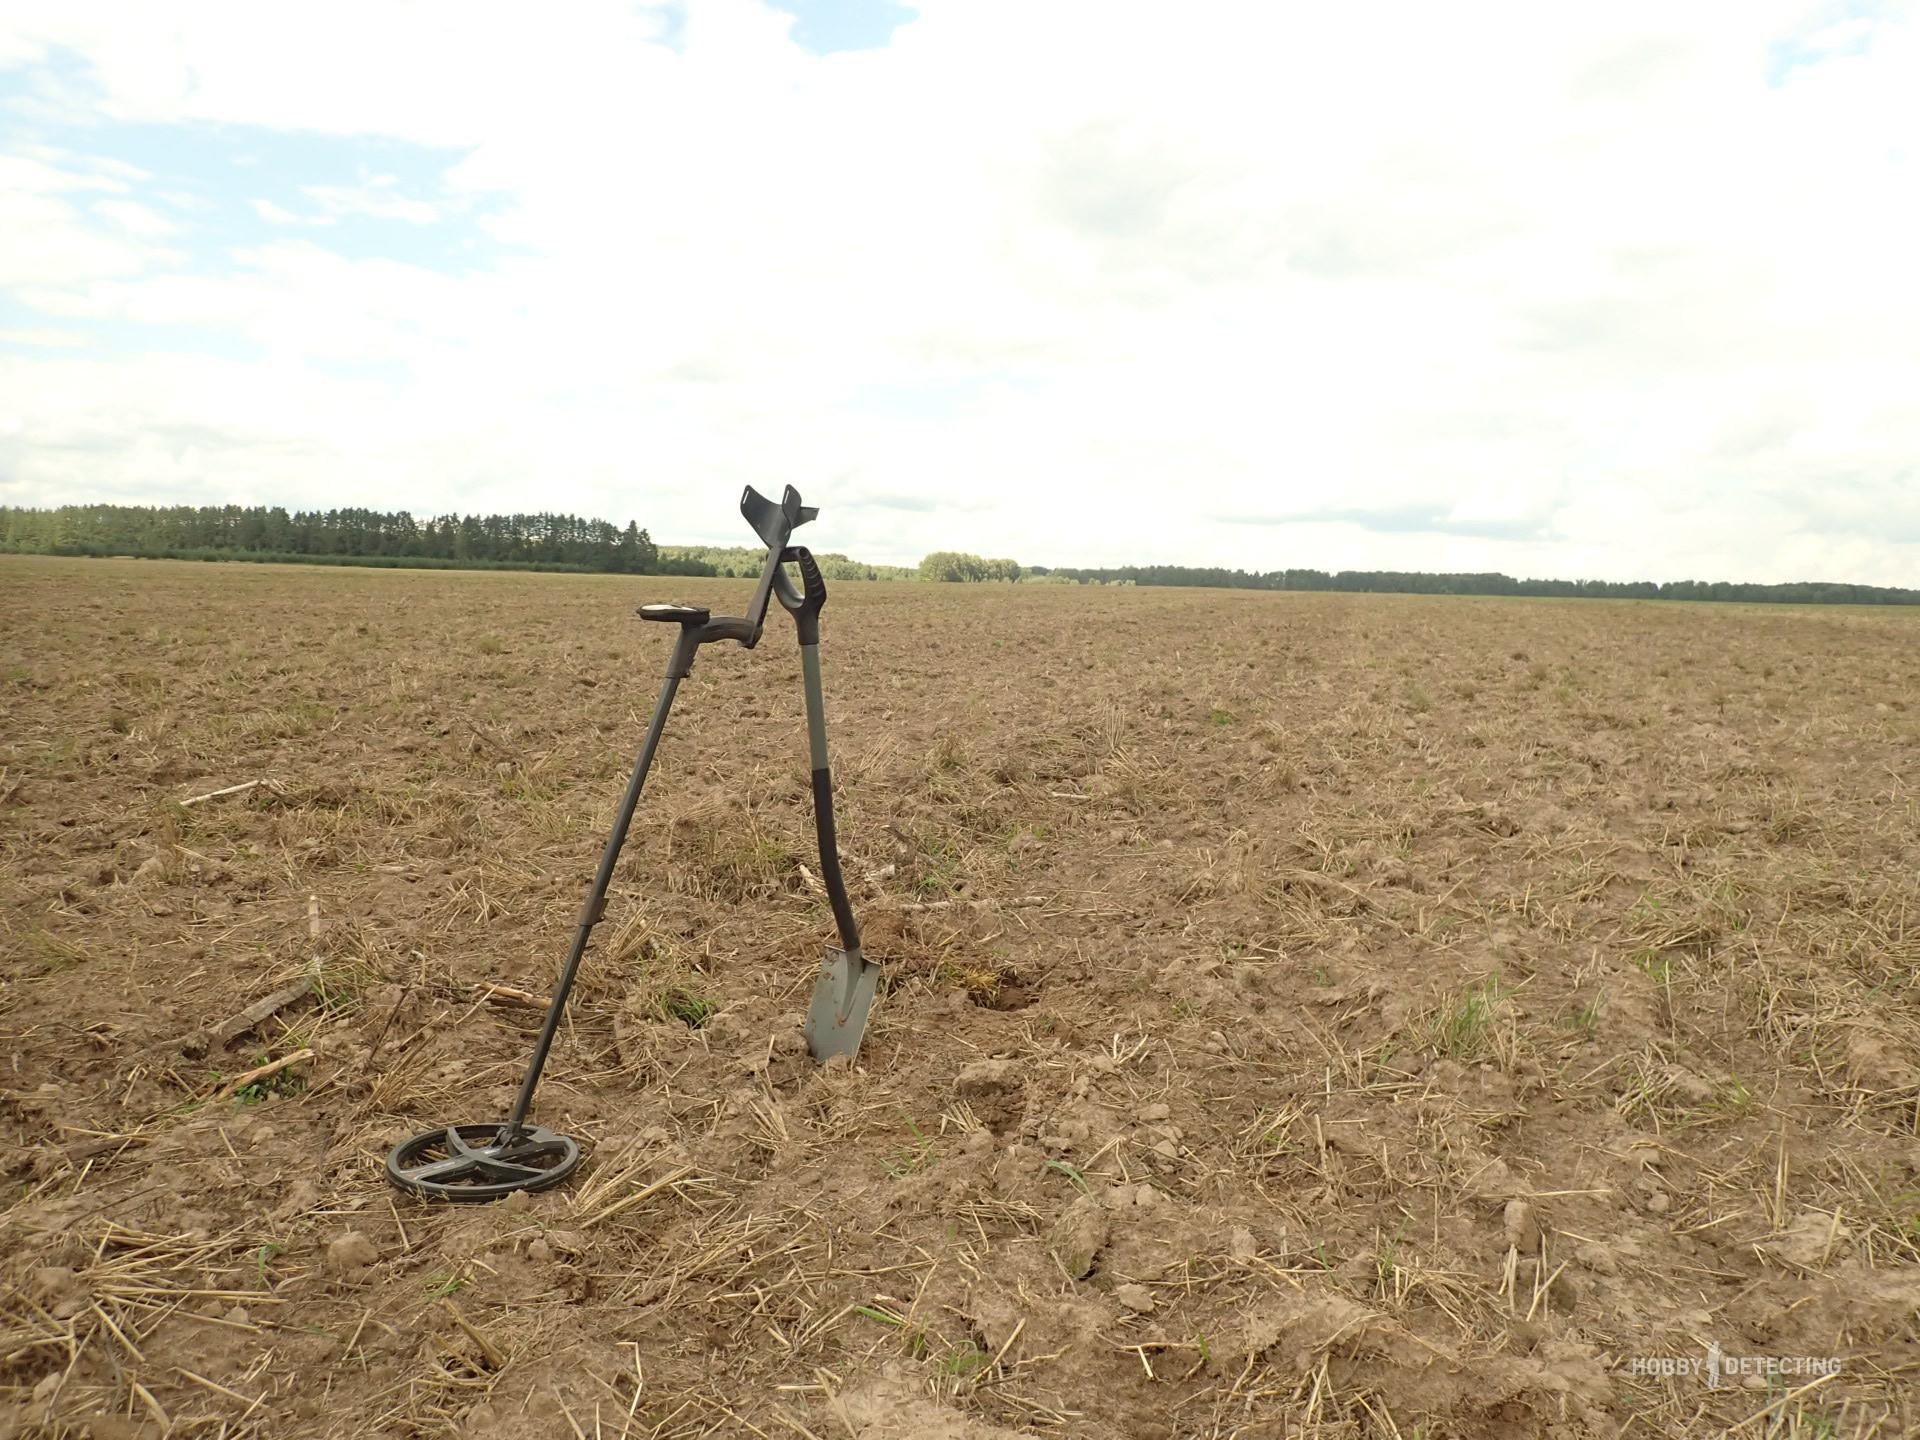 И, вот, распахали поле, а я ждал этого момента почти что год